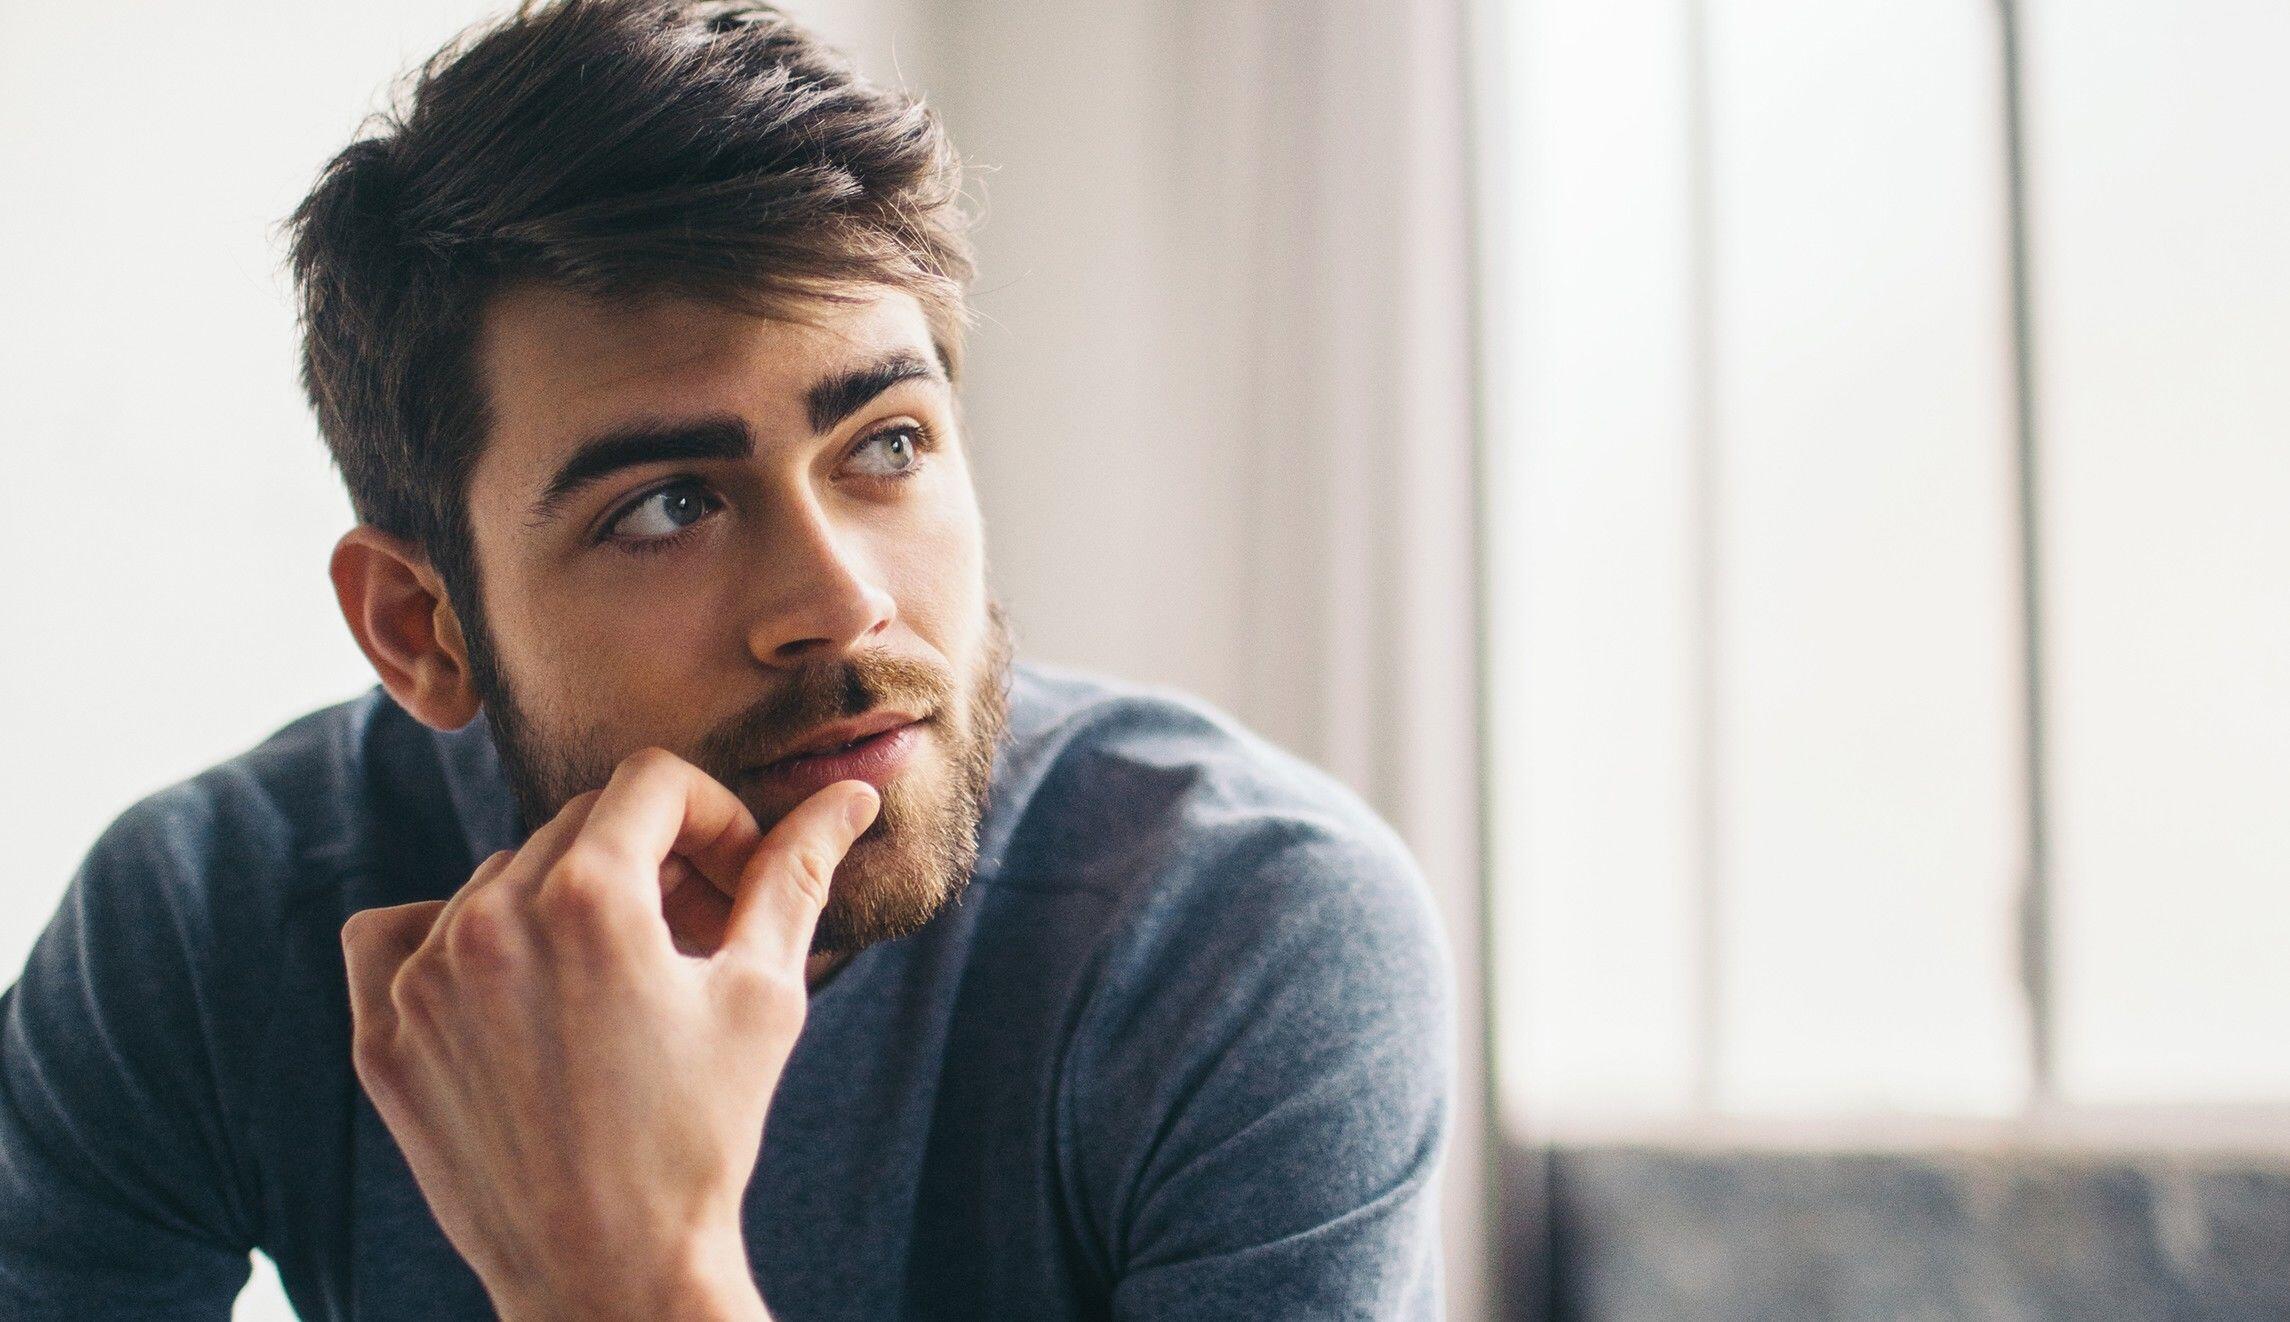 Sederhana Namun Berkomitmen Tinggi, Ini 6 Ciri Khas 'Beta Male'